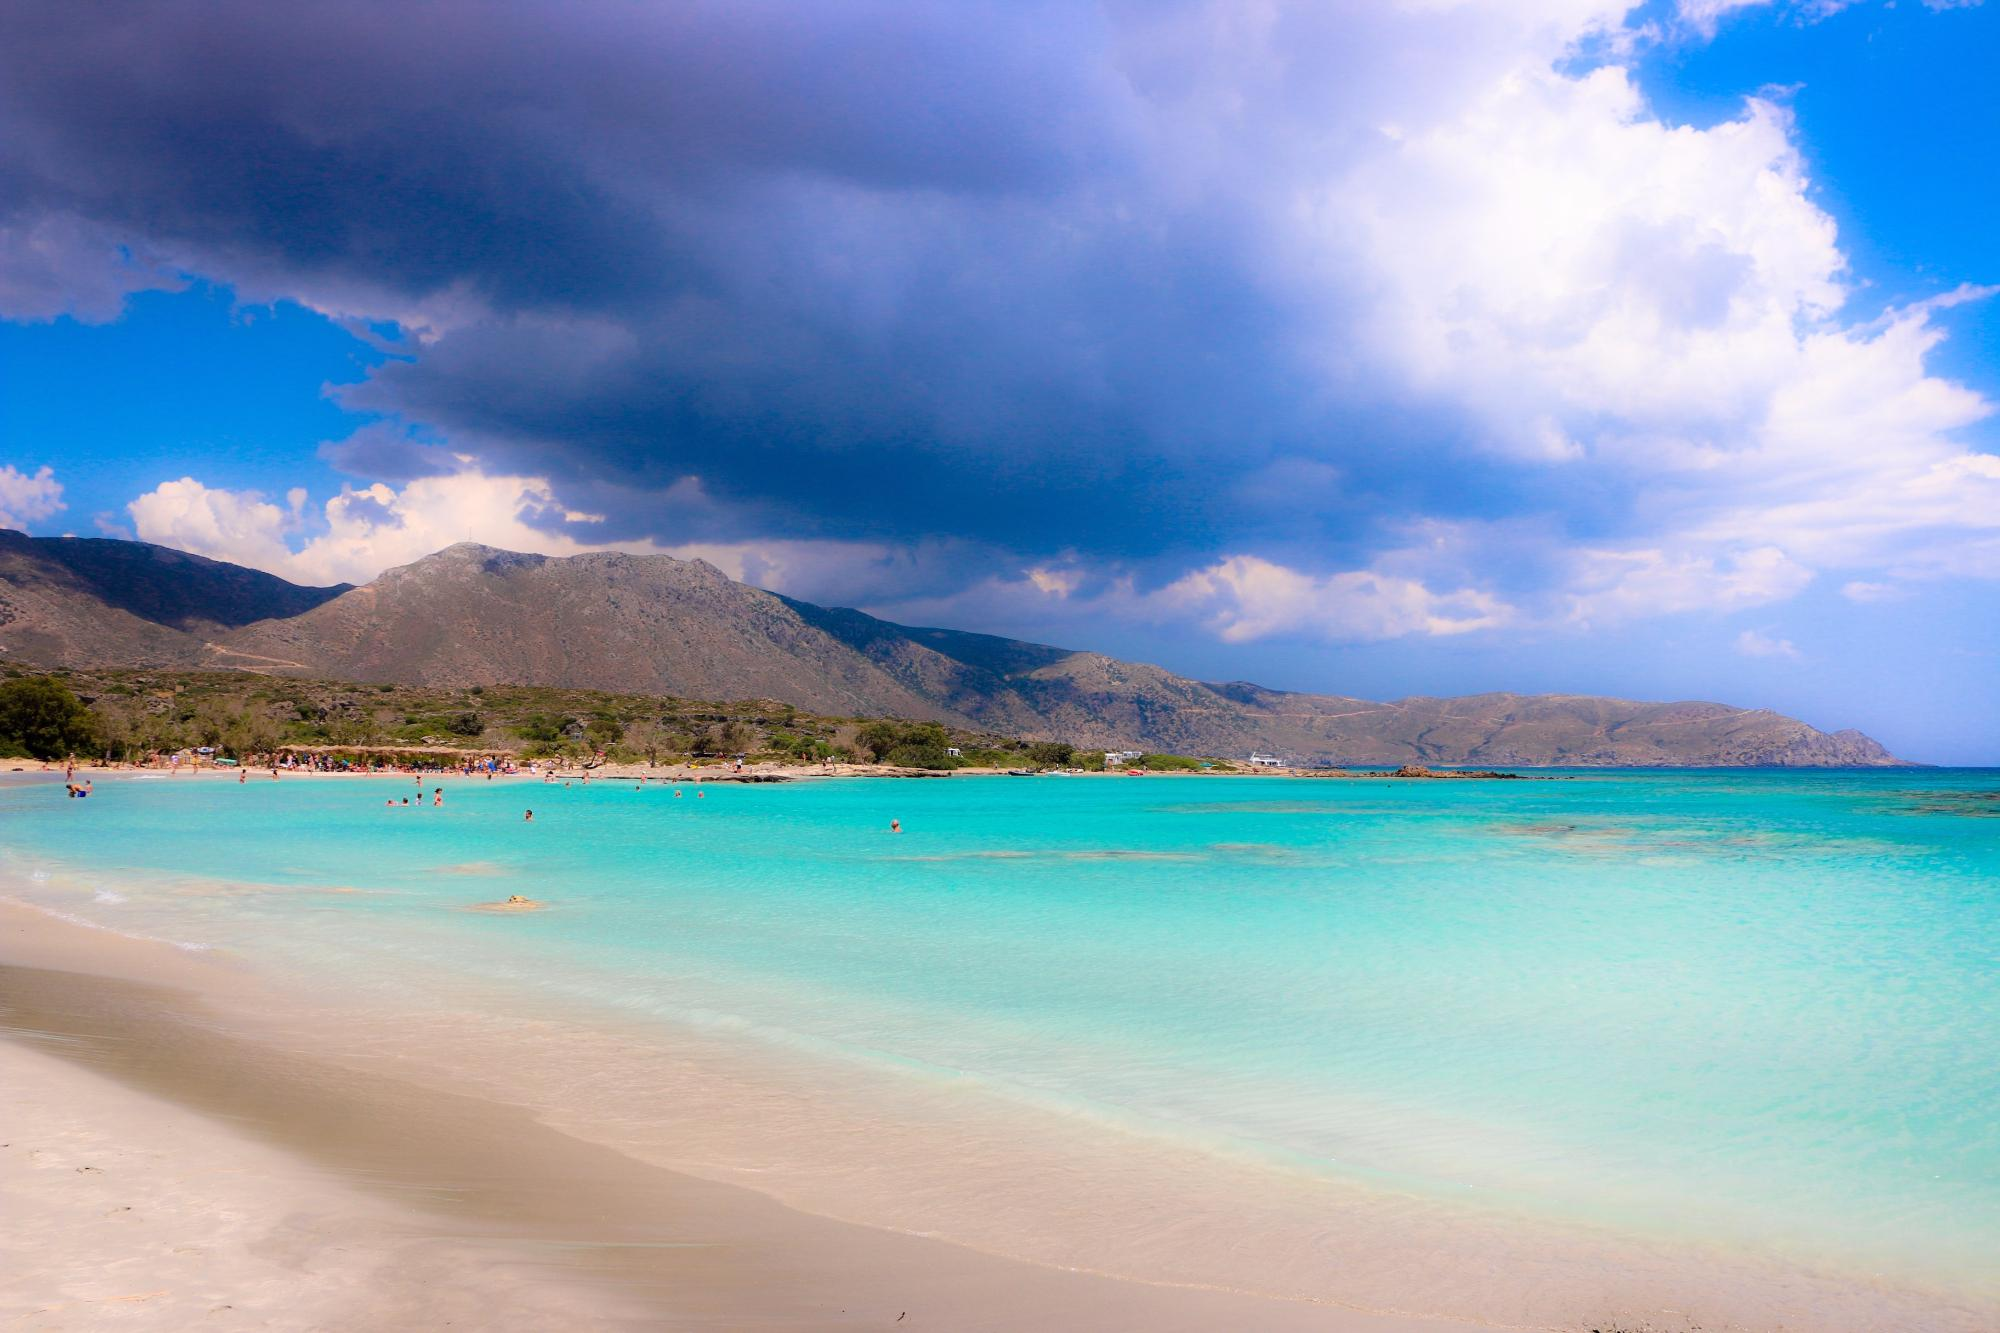 21. Praia de Elafonissi